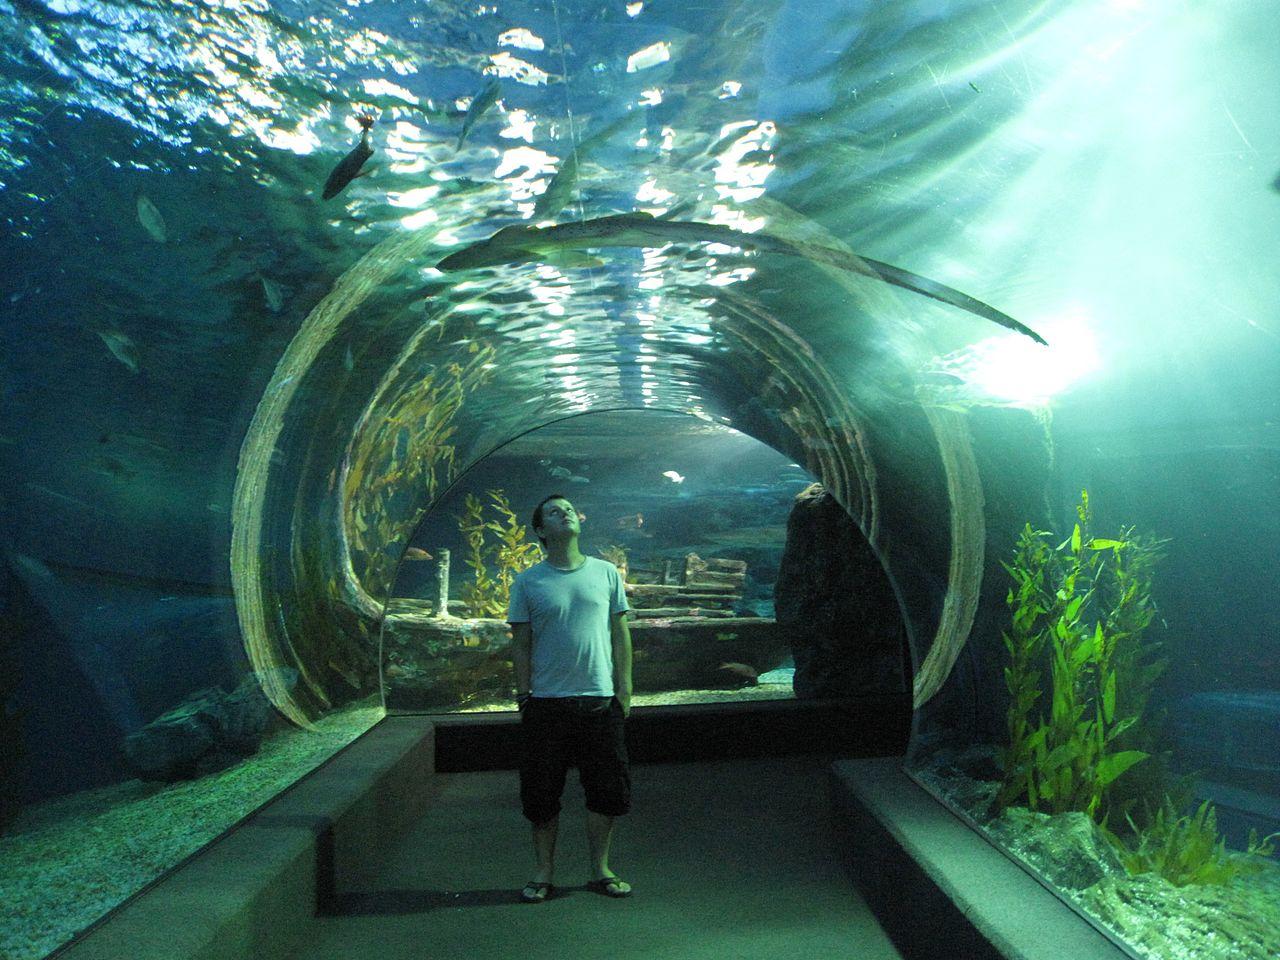 Аквариум Sea Life Bangkok Ocean World, подводная галерея